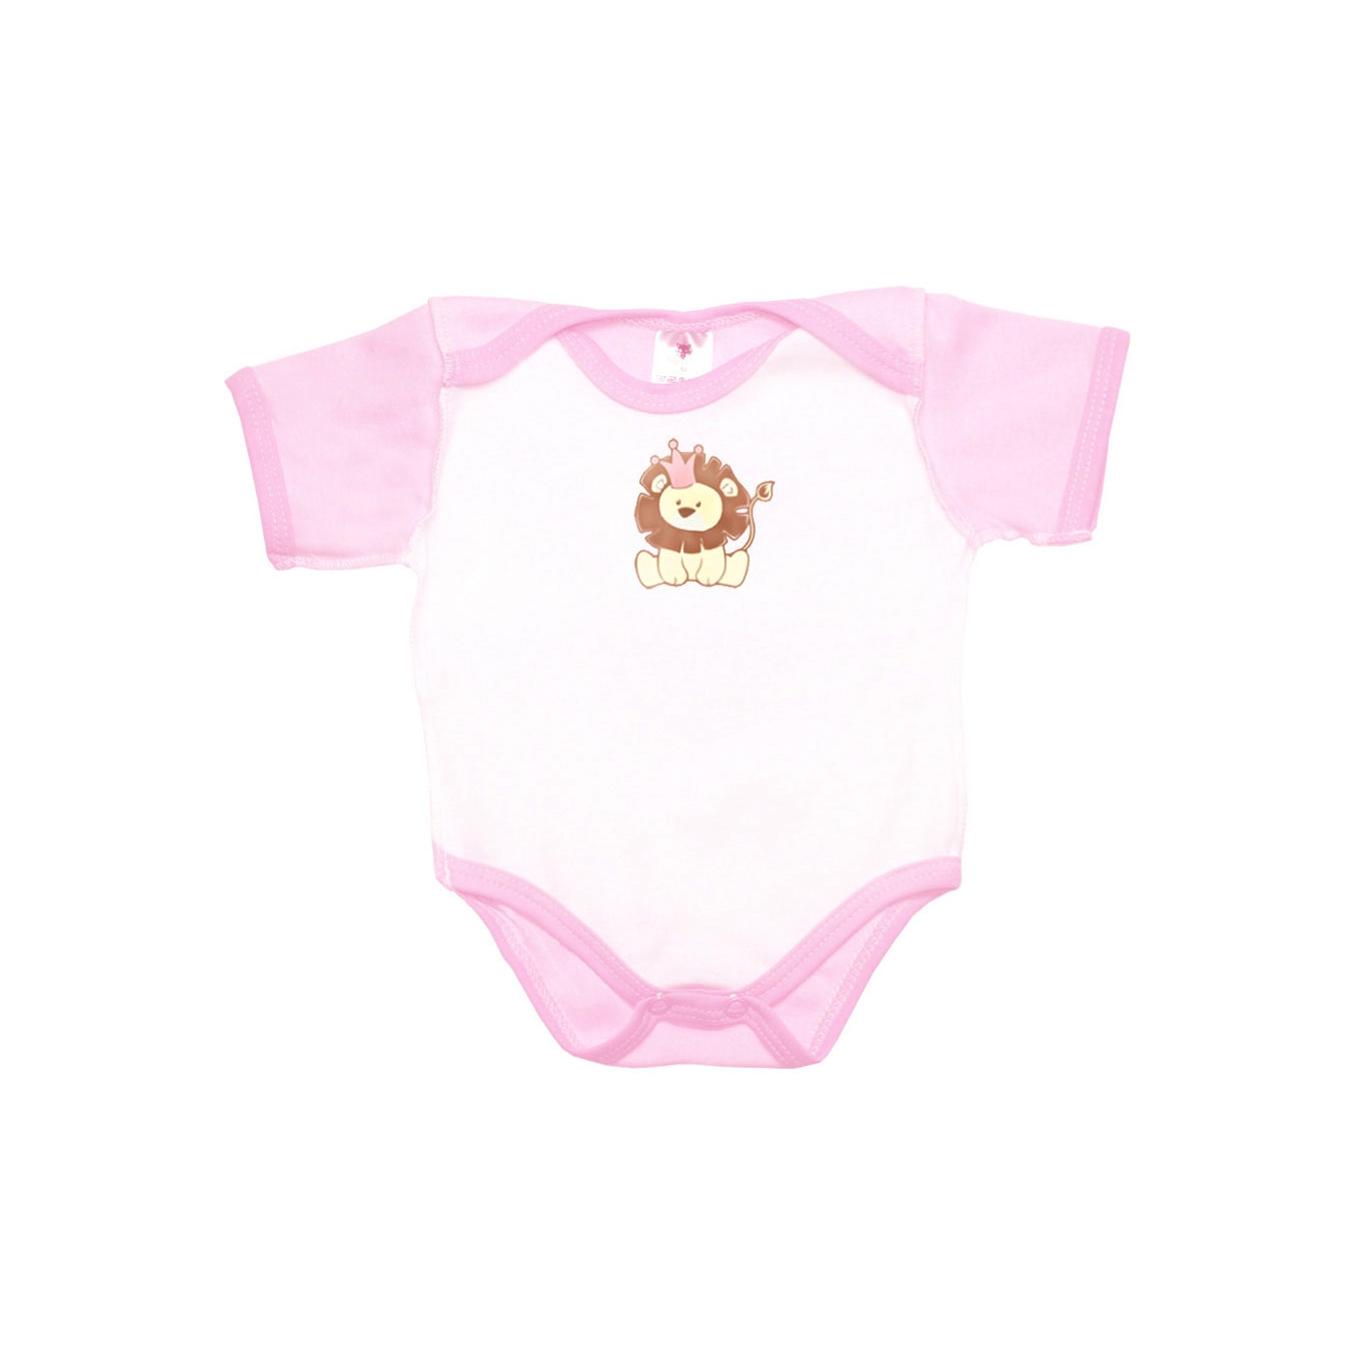 Боди с коротким рукавом КОТМАРКОТ для девочки, цвет розовый 3-6 мес (размер 68 см)<br>